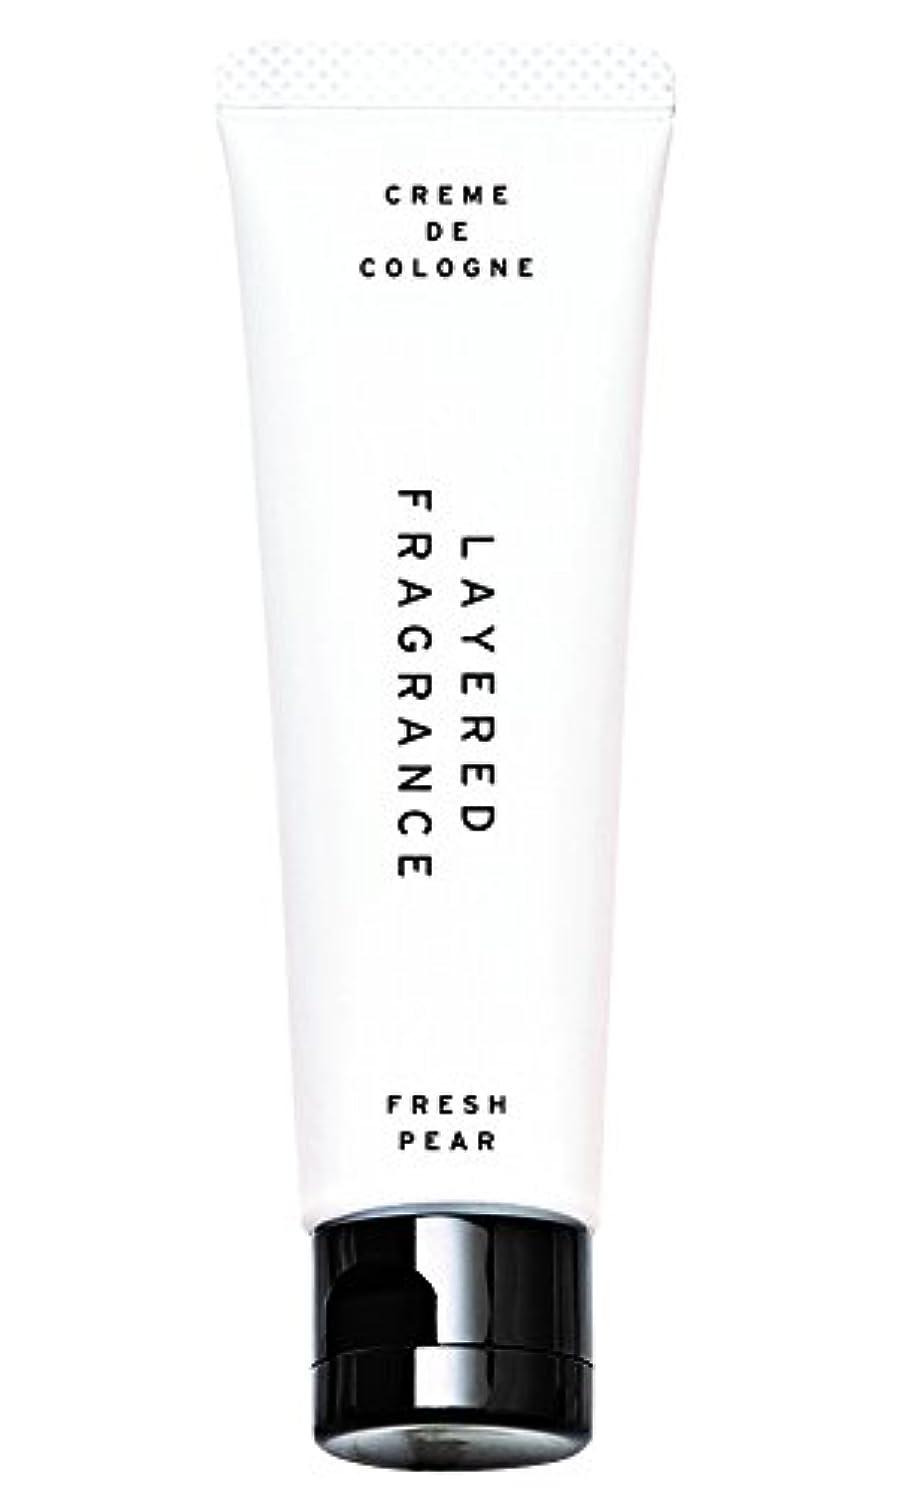 不可能なテンポほぼレイヤードフレグランス クレムドゥコロン フレッシュペア 30g 練り香水